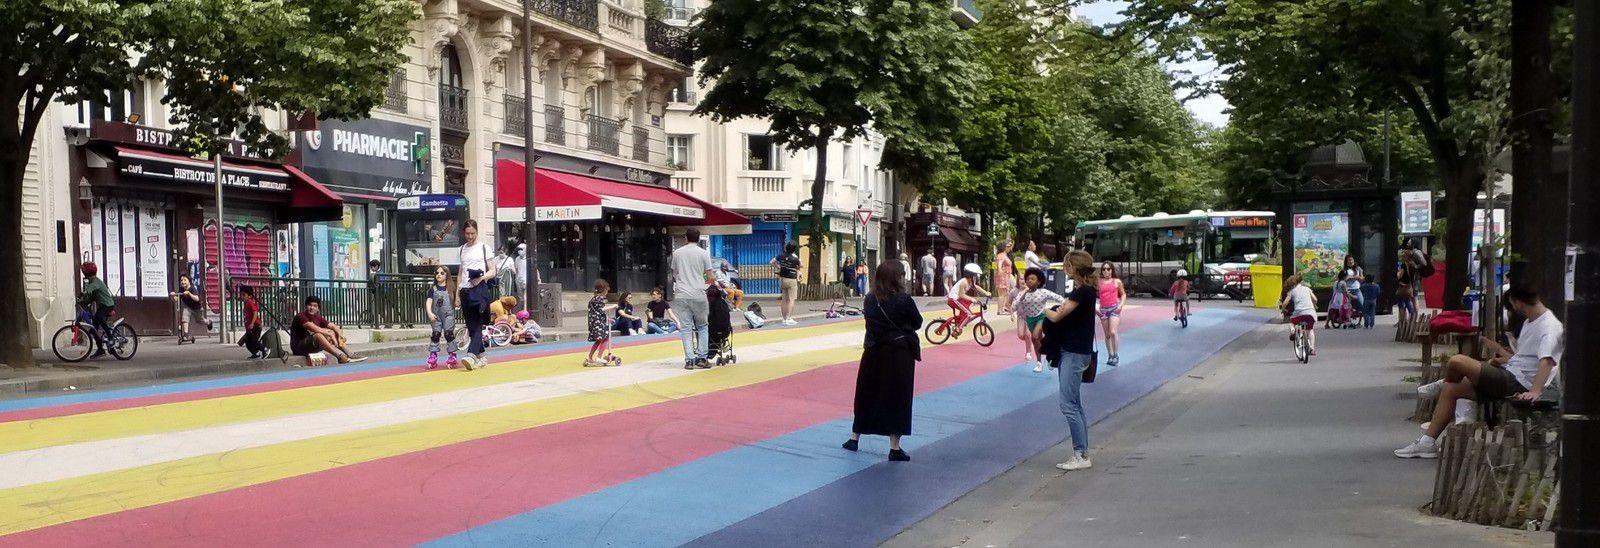 Place Martin Nadaud, bd de Ménilmontnt, r du Pressoir (08/05/20)